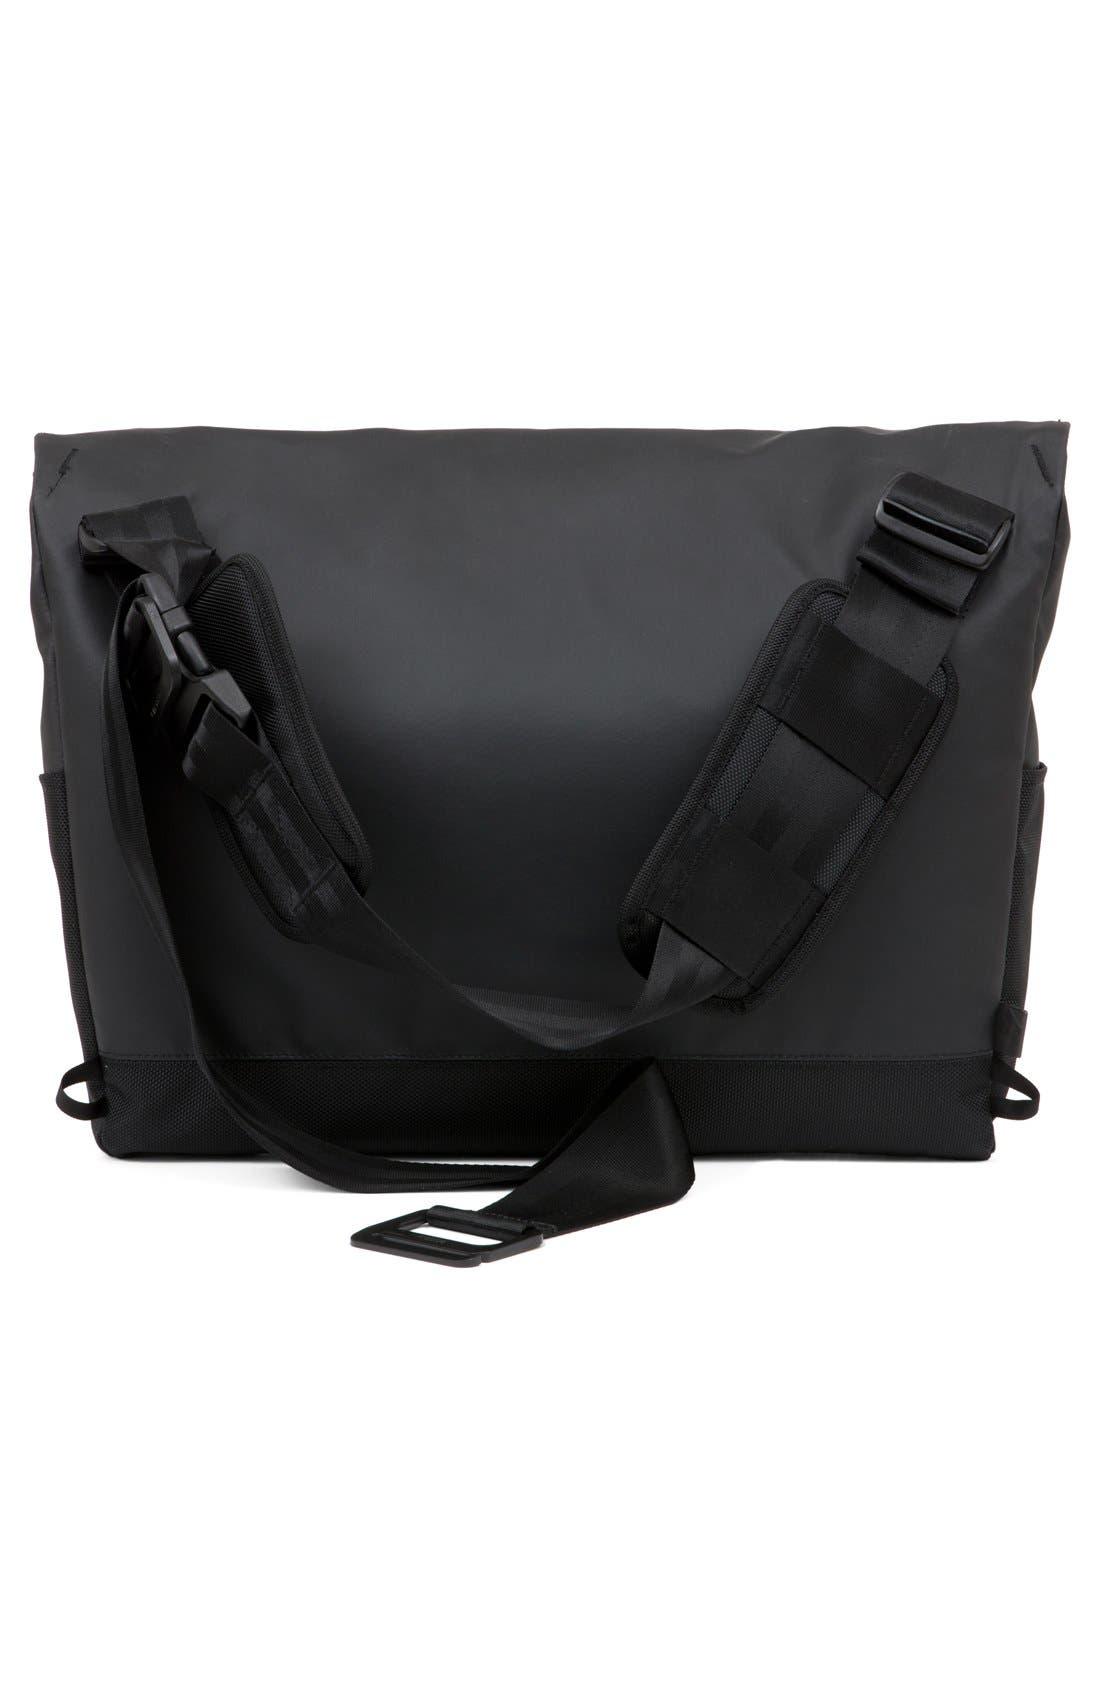 'Range' Messenger Bag,                             Alternate thumbnail 3, color,                             Black